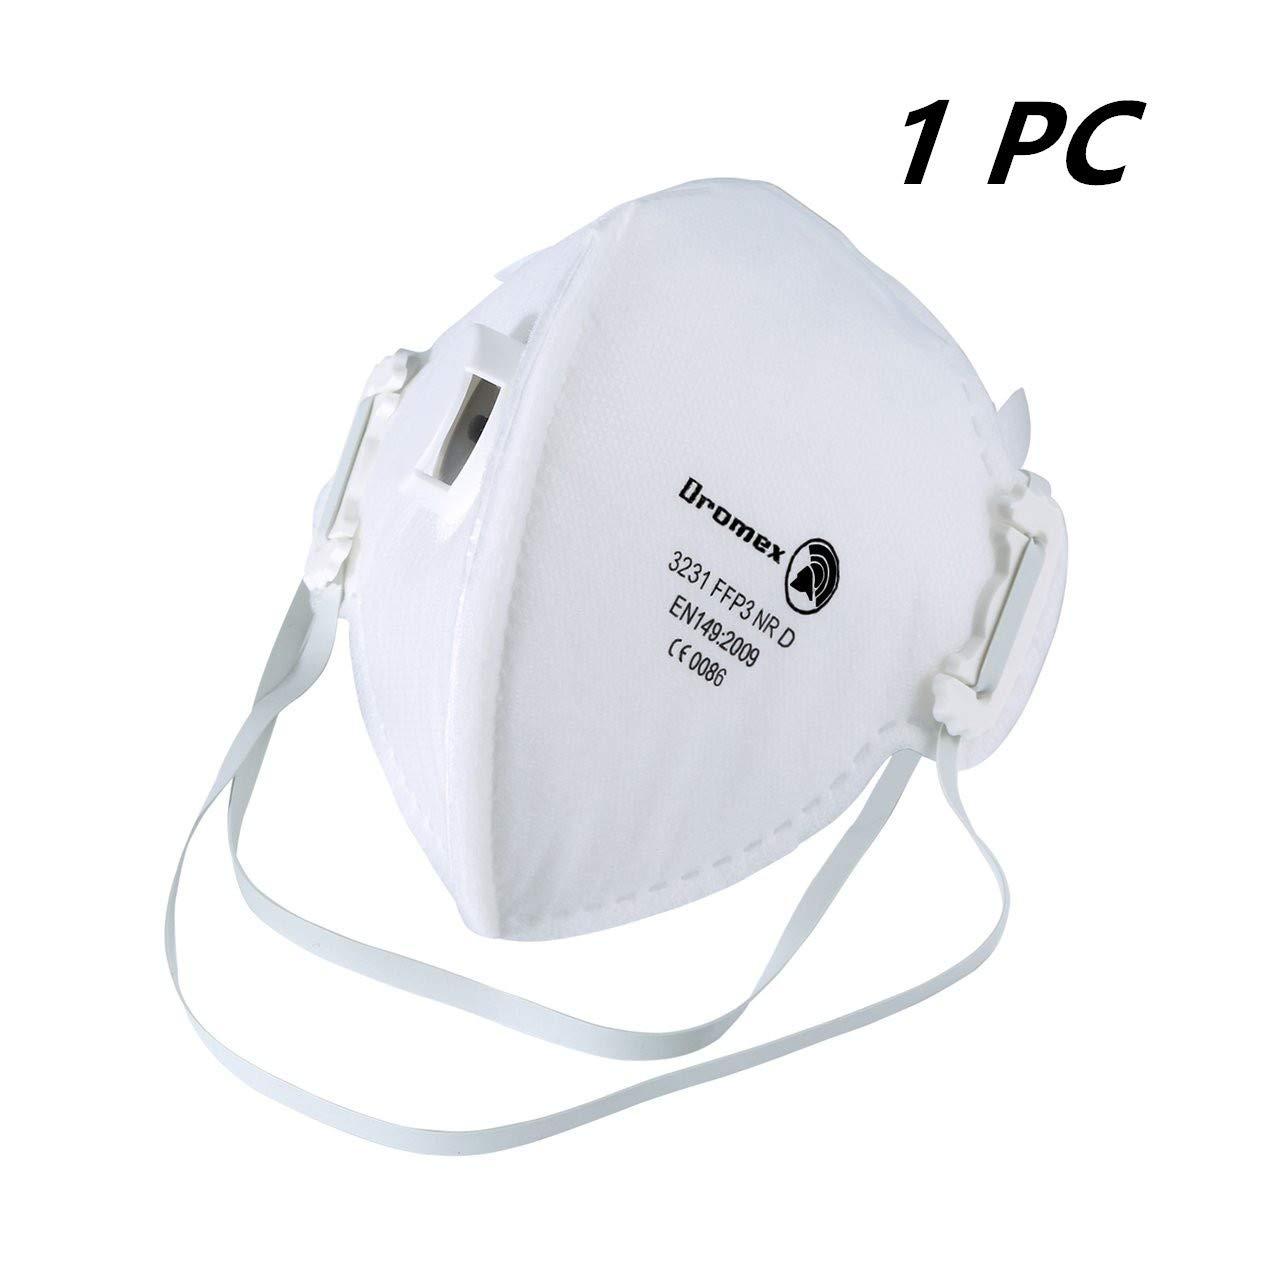 Mascarilla antipolución FFP3 Mascarilla N95 N99, con válvula de Capas Filtro FFP3 98% Bacterias Anti PM2.5 Neumonía Protección contra la Gripe Máscara de poluci&oacu